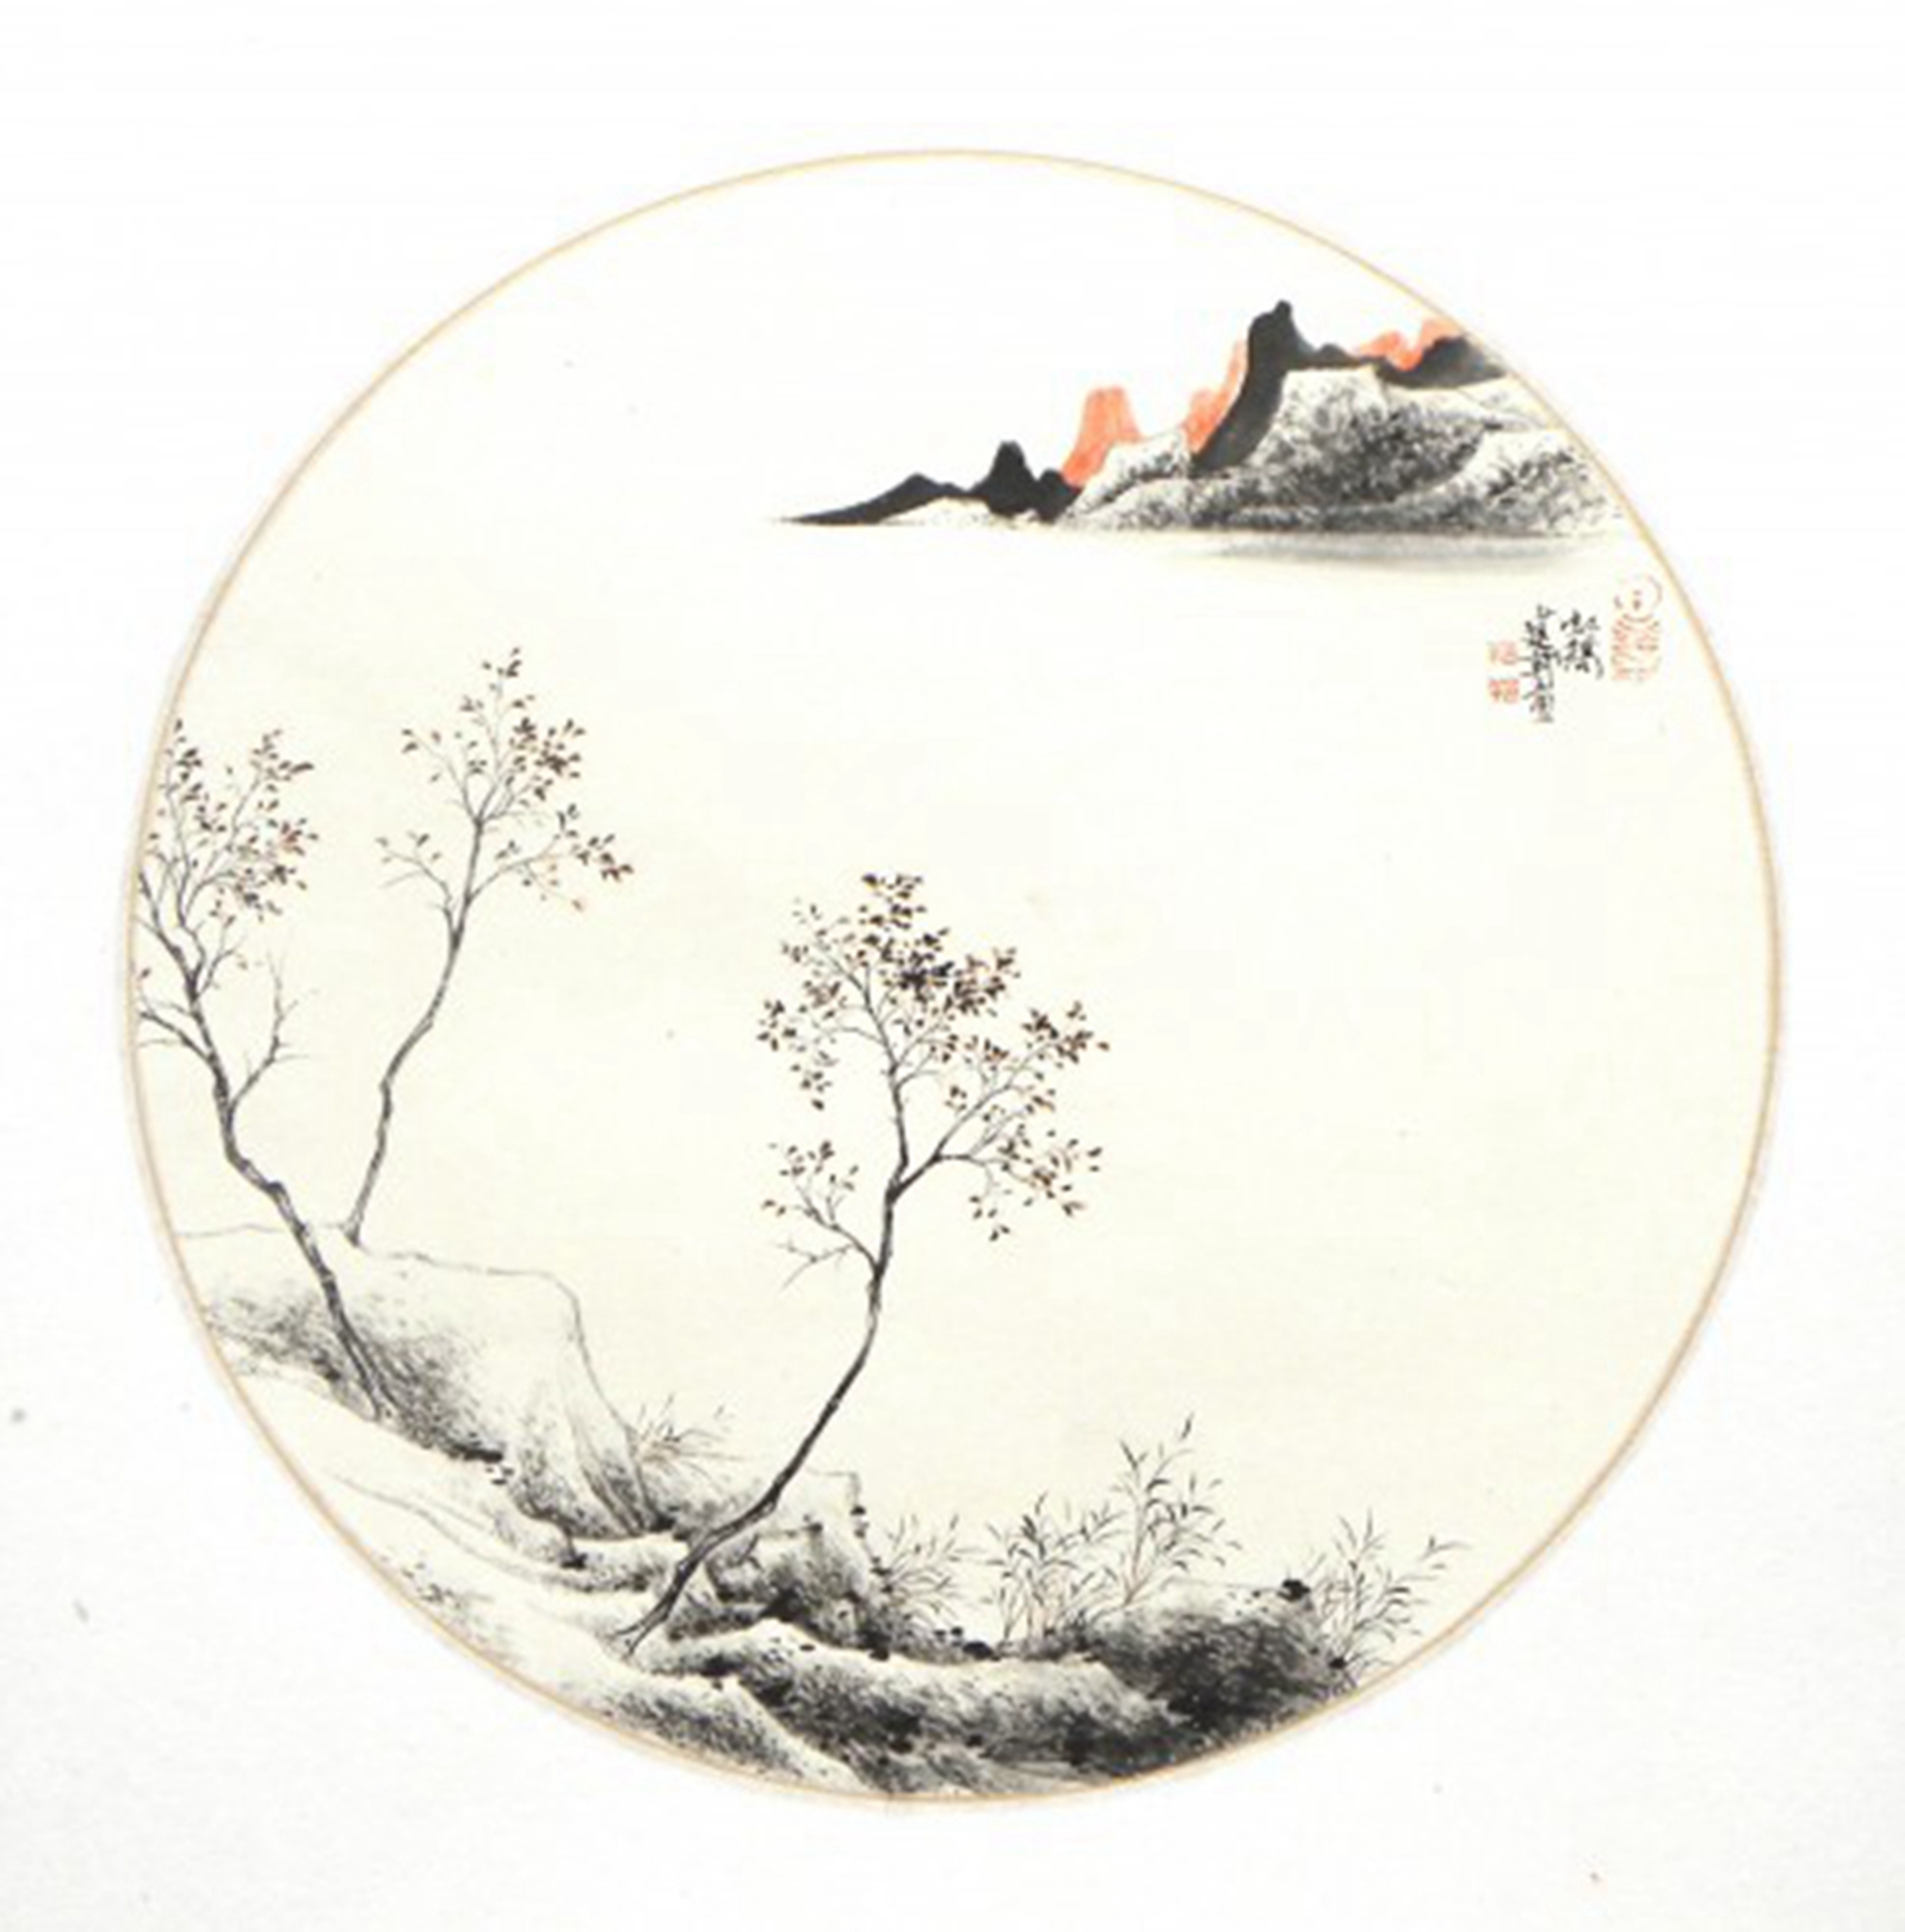 山水小品2 纸本水墨 国画 宝甄网